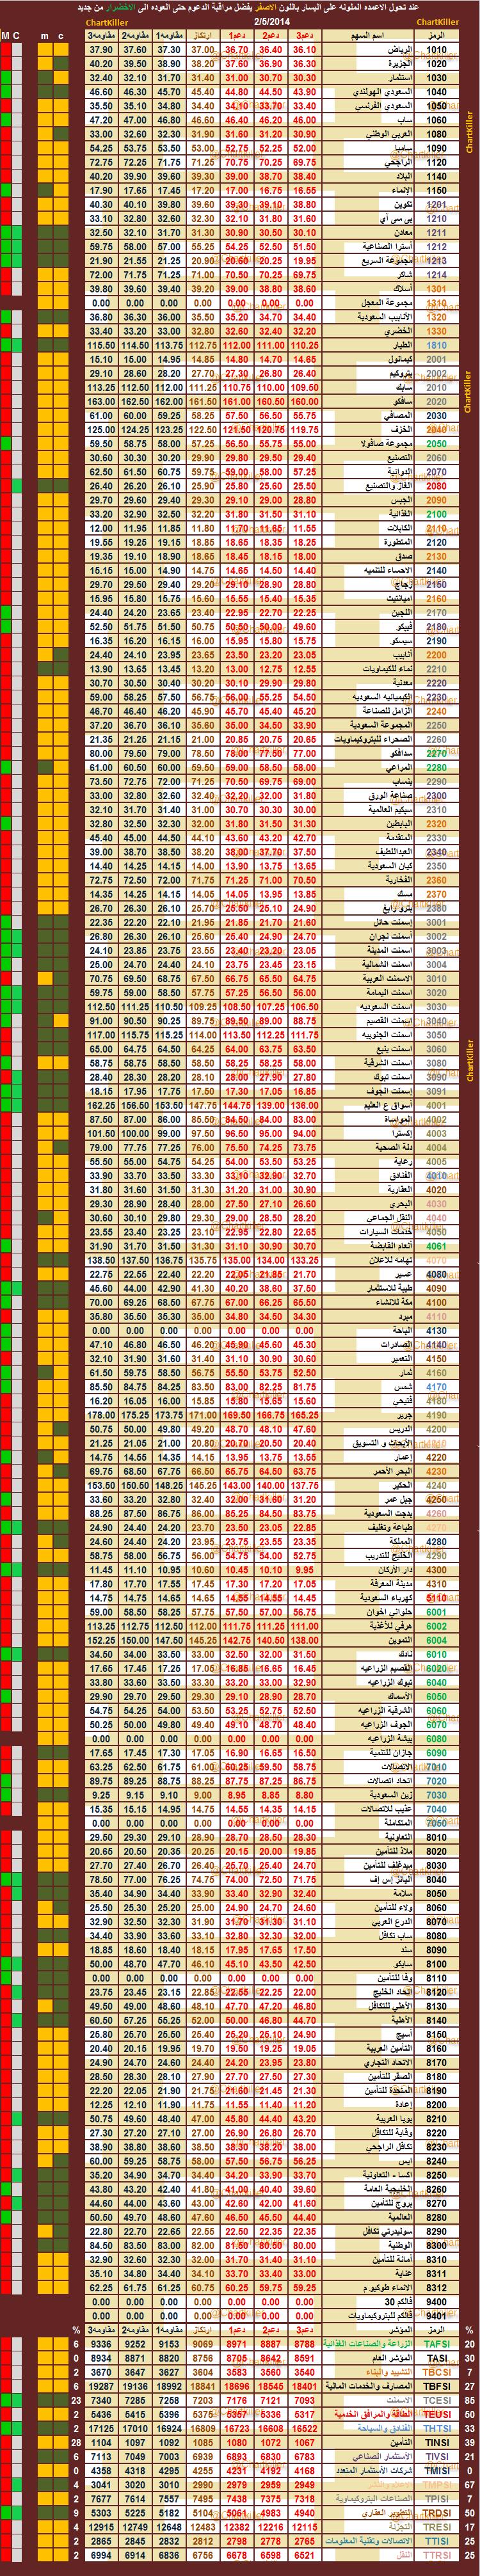 الدعم المقاومه ليوم  الاربعاء   5-2-2014  ::   السوق  السعودي 432479627